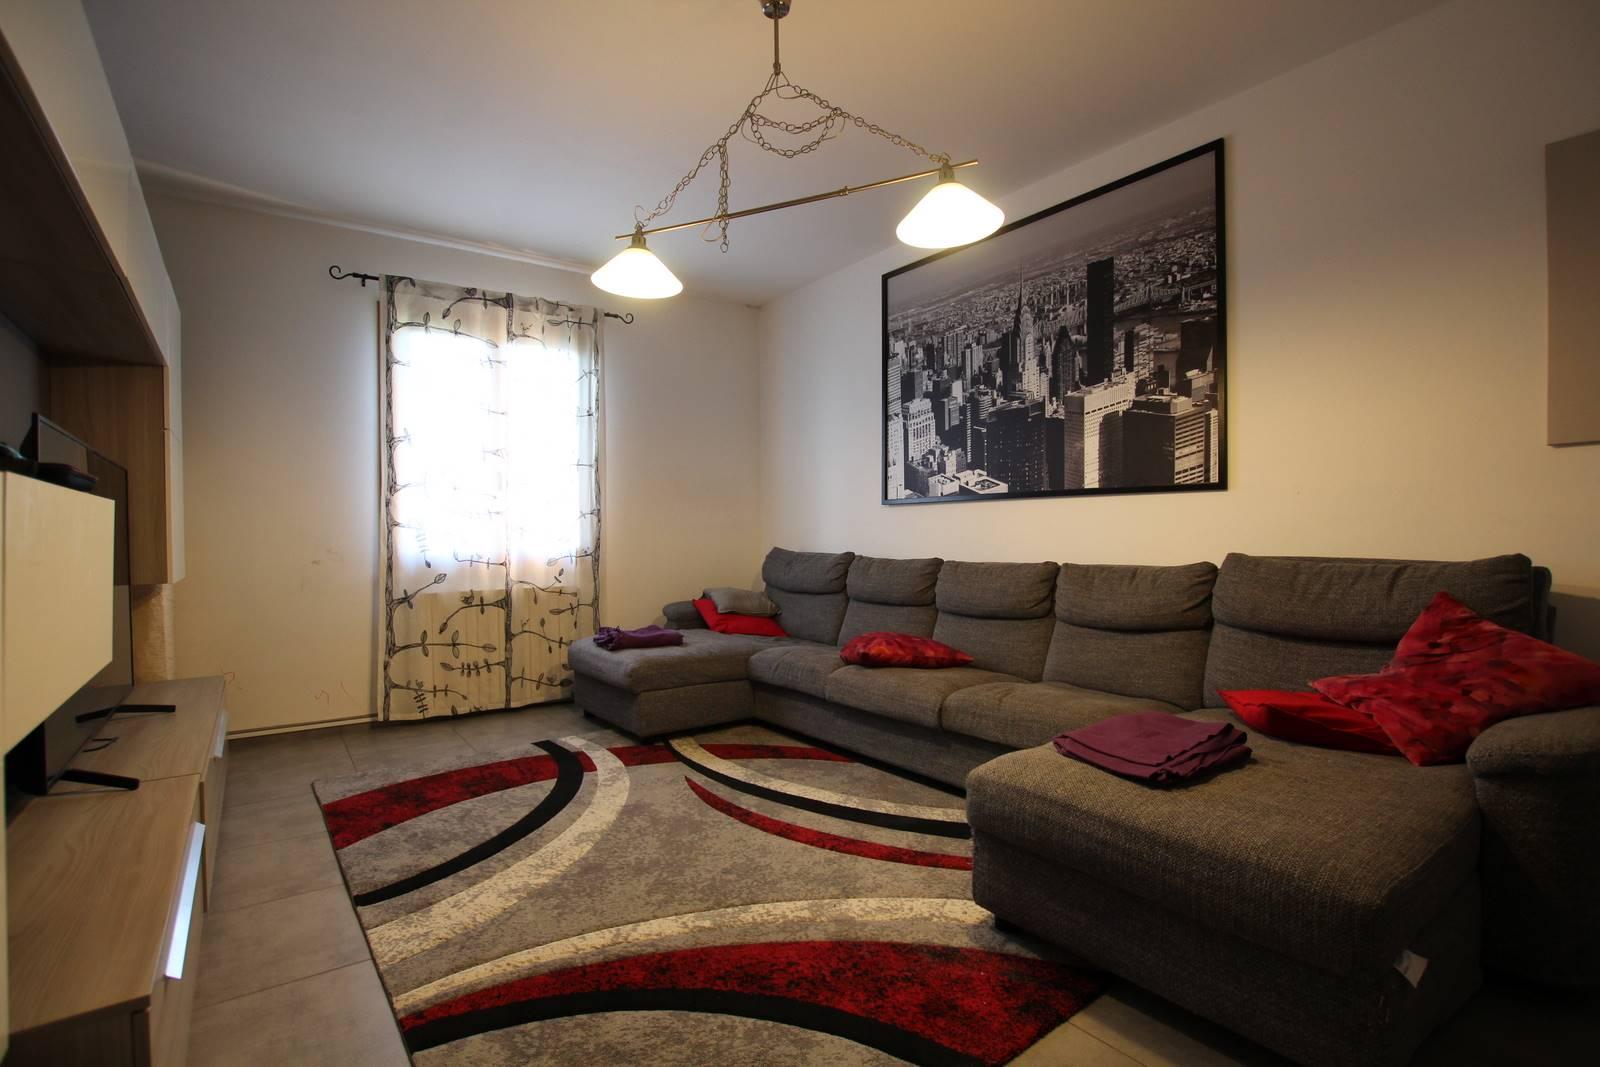 VINCI COLLINA, in zona residenziale, vicino ai servizi, appartamento in perfette condizioni, molto luminoso, posto al piano primo e ultimo, composto